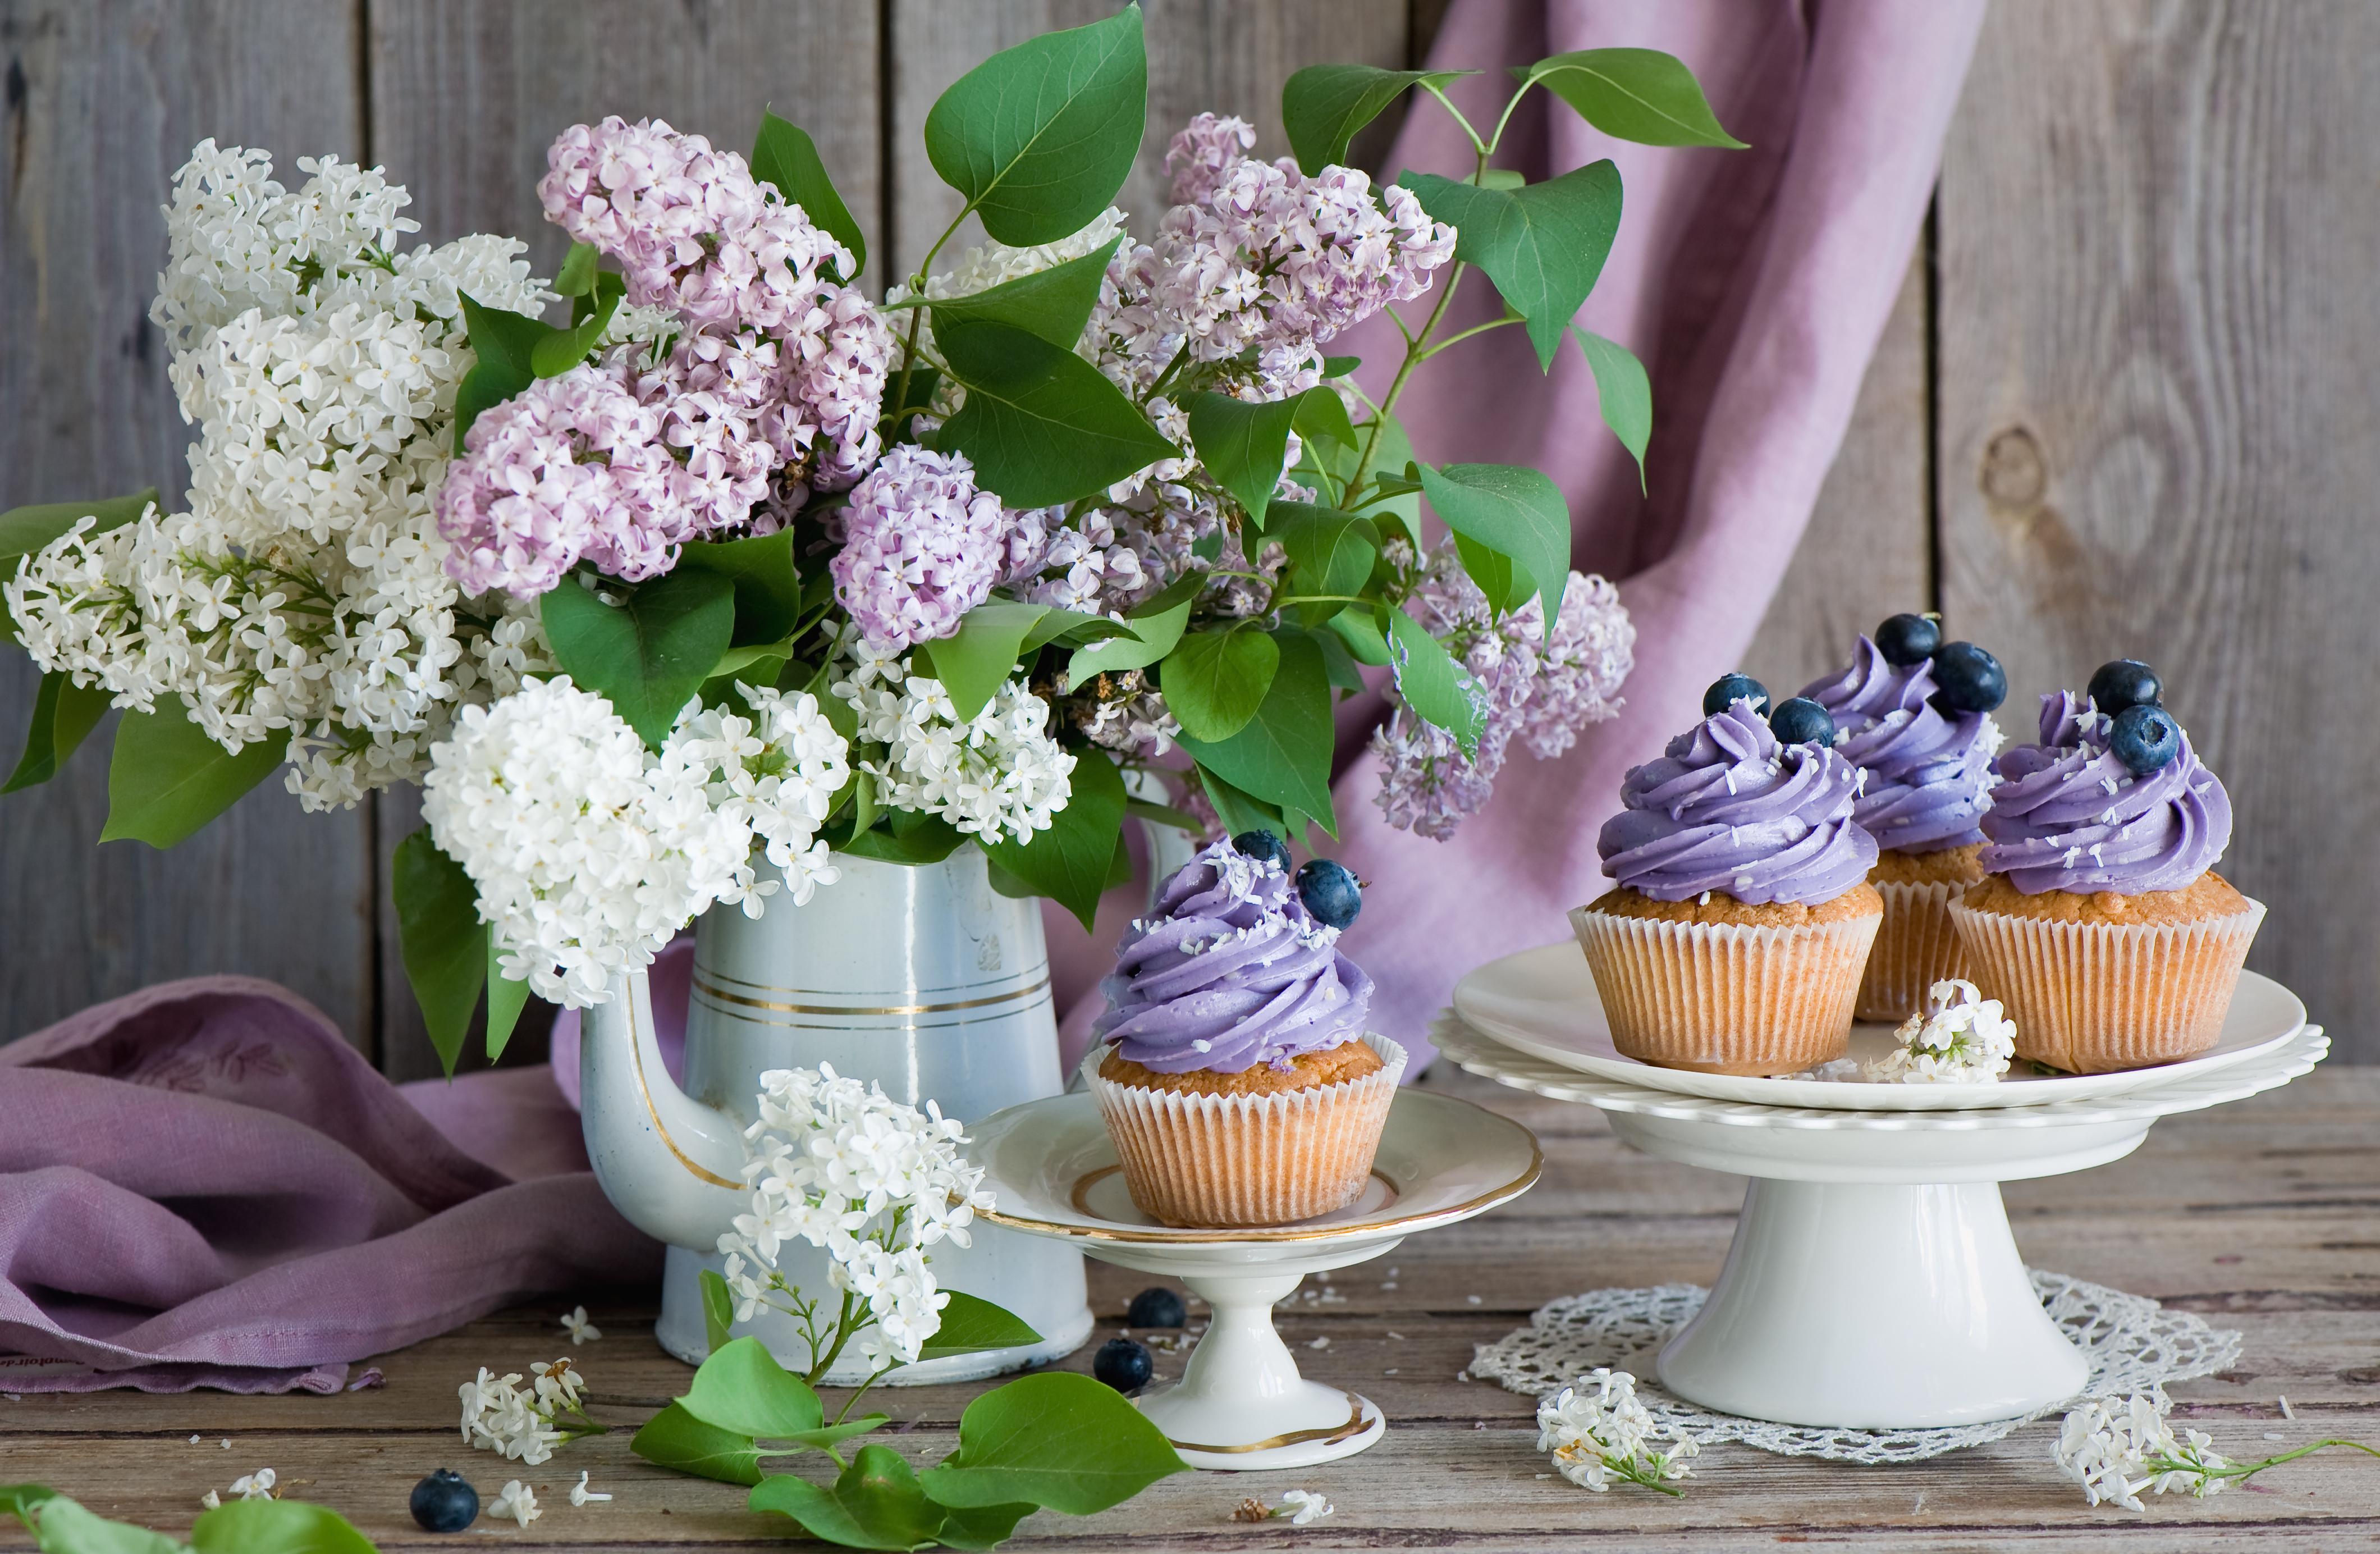 природа цветы сирень сахар блюдо  № 1154279 без смс